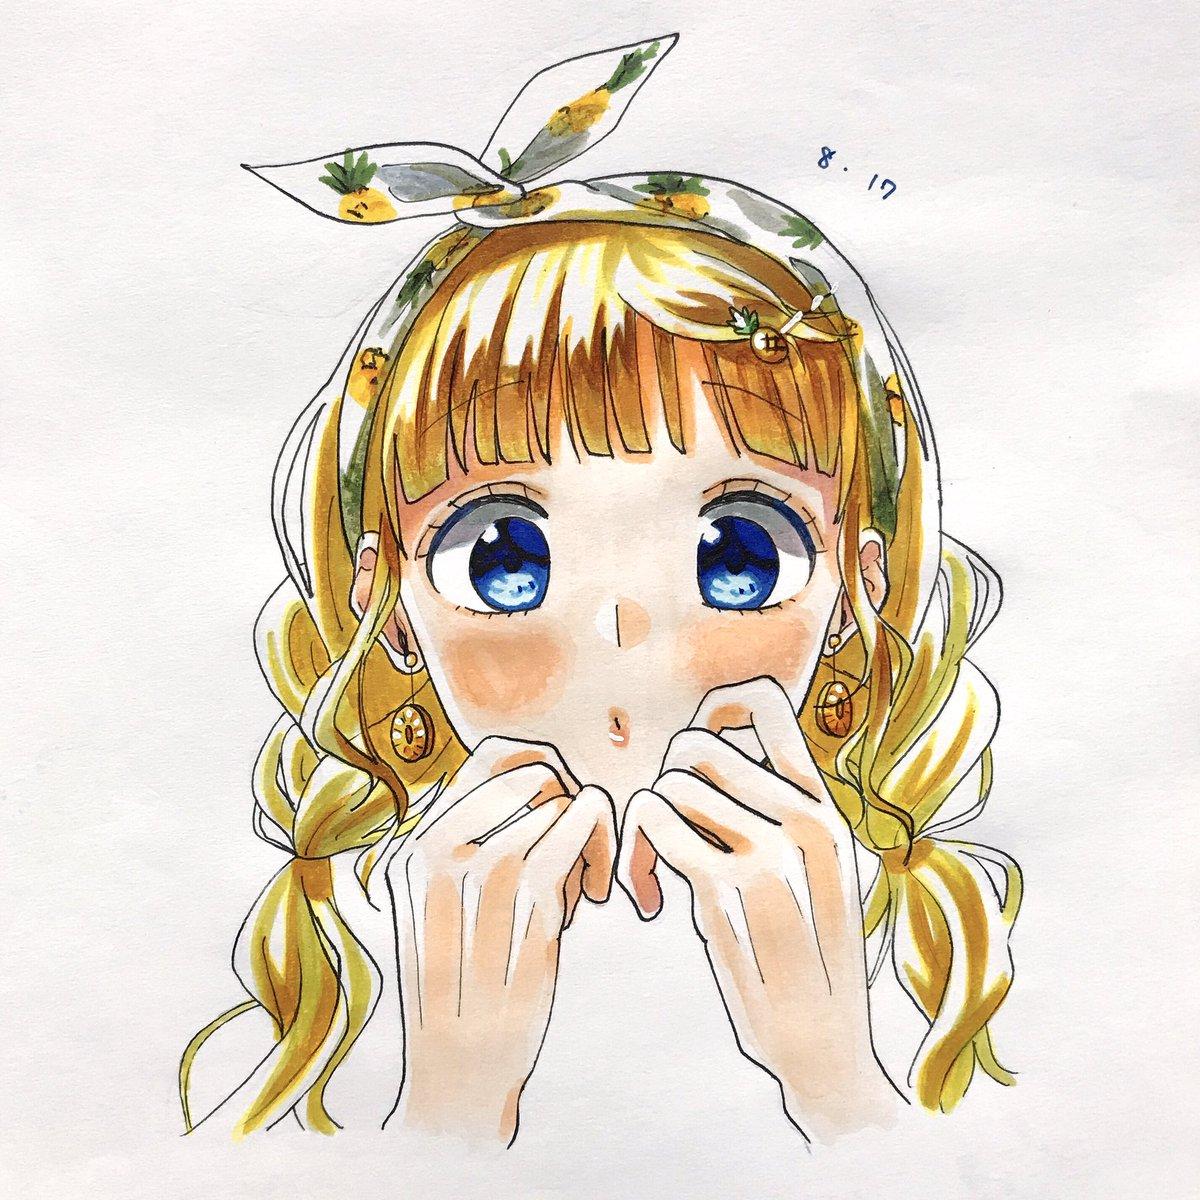 ふふお気に入り#パイナップルの日 らしいので#1日1ハニワ#HoneyWorks #成海聖奈#コピック